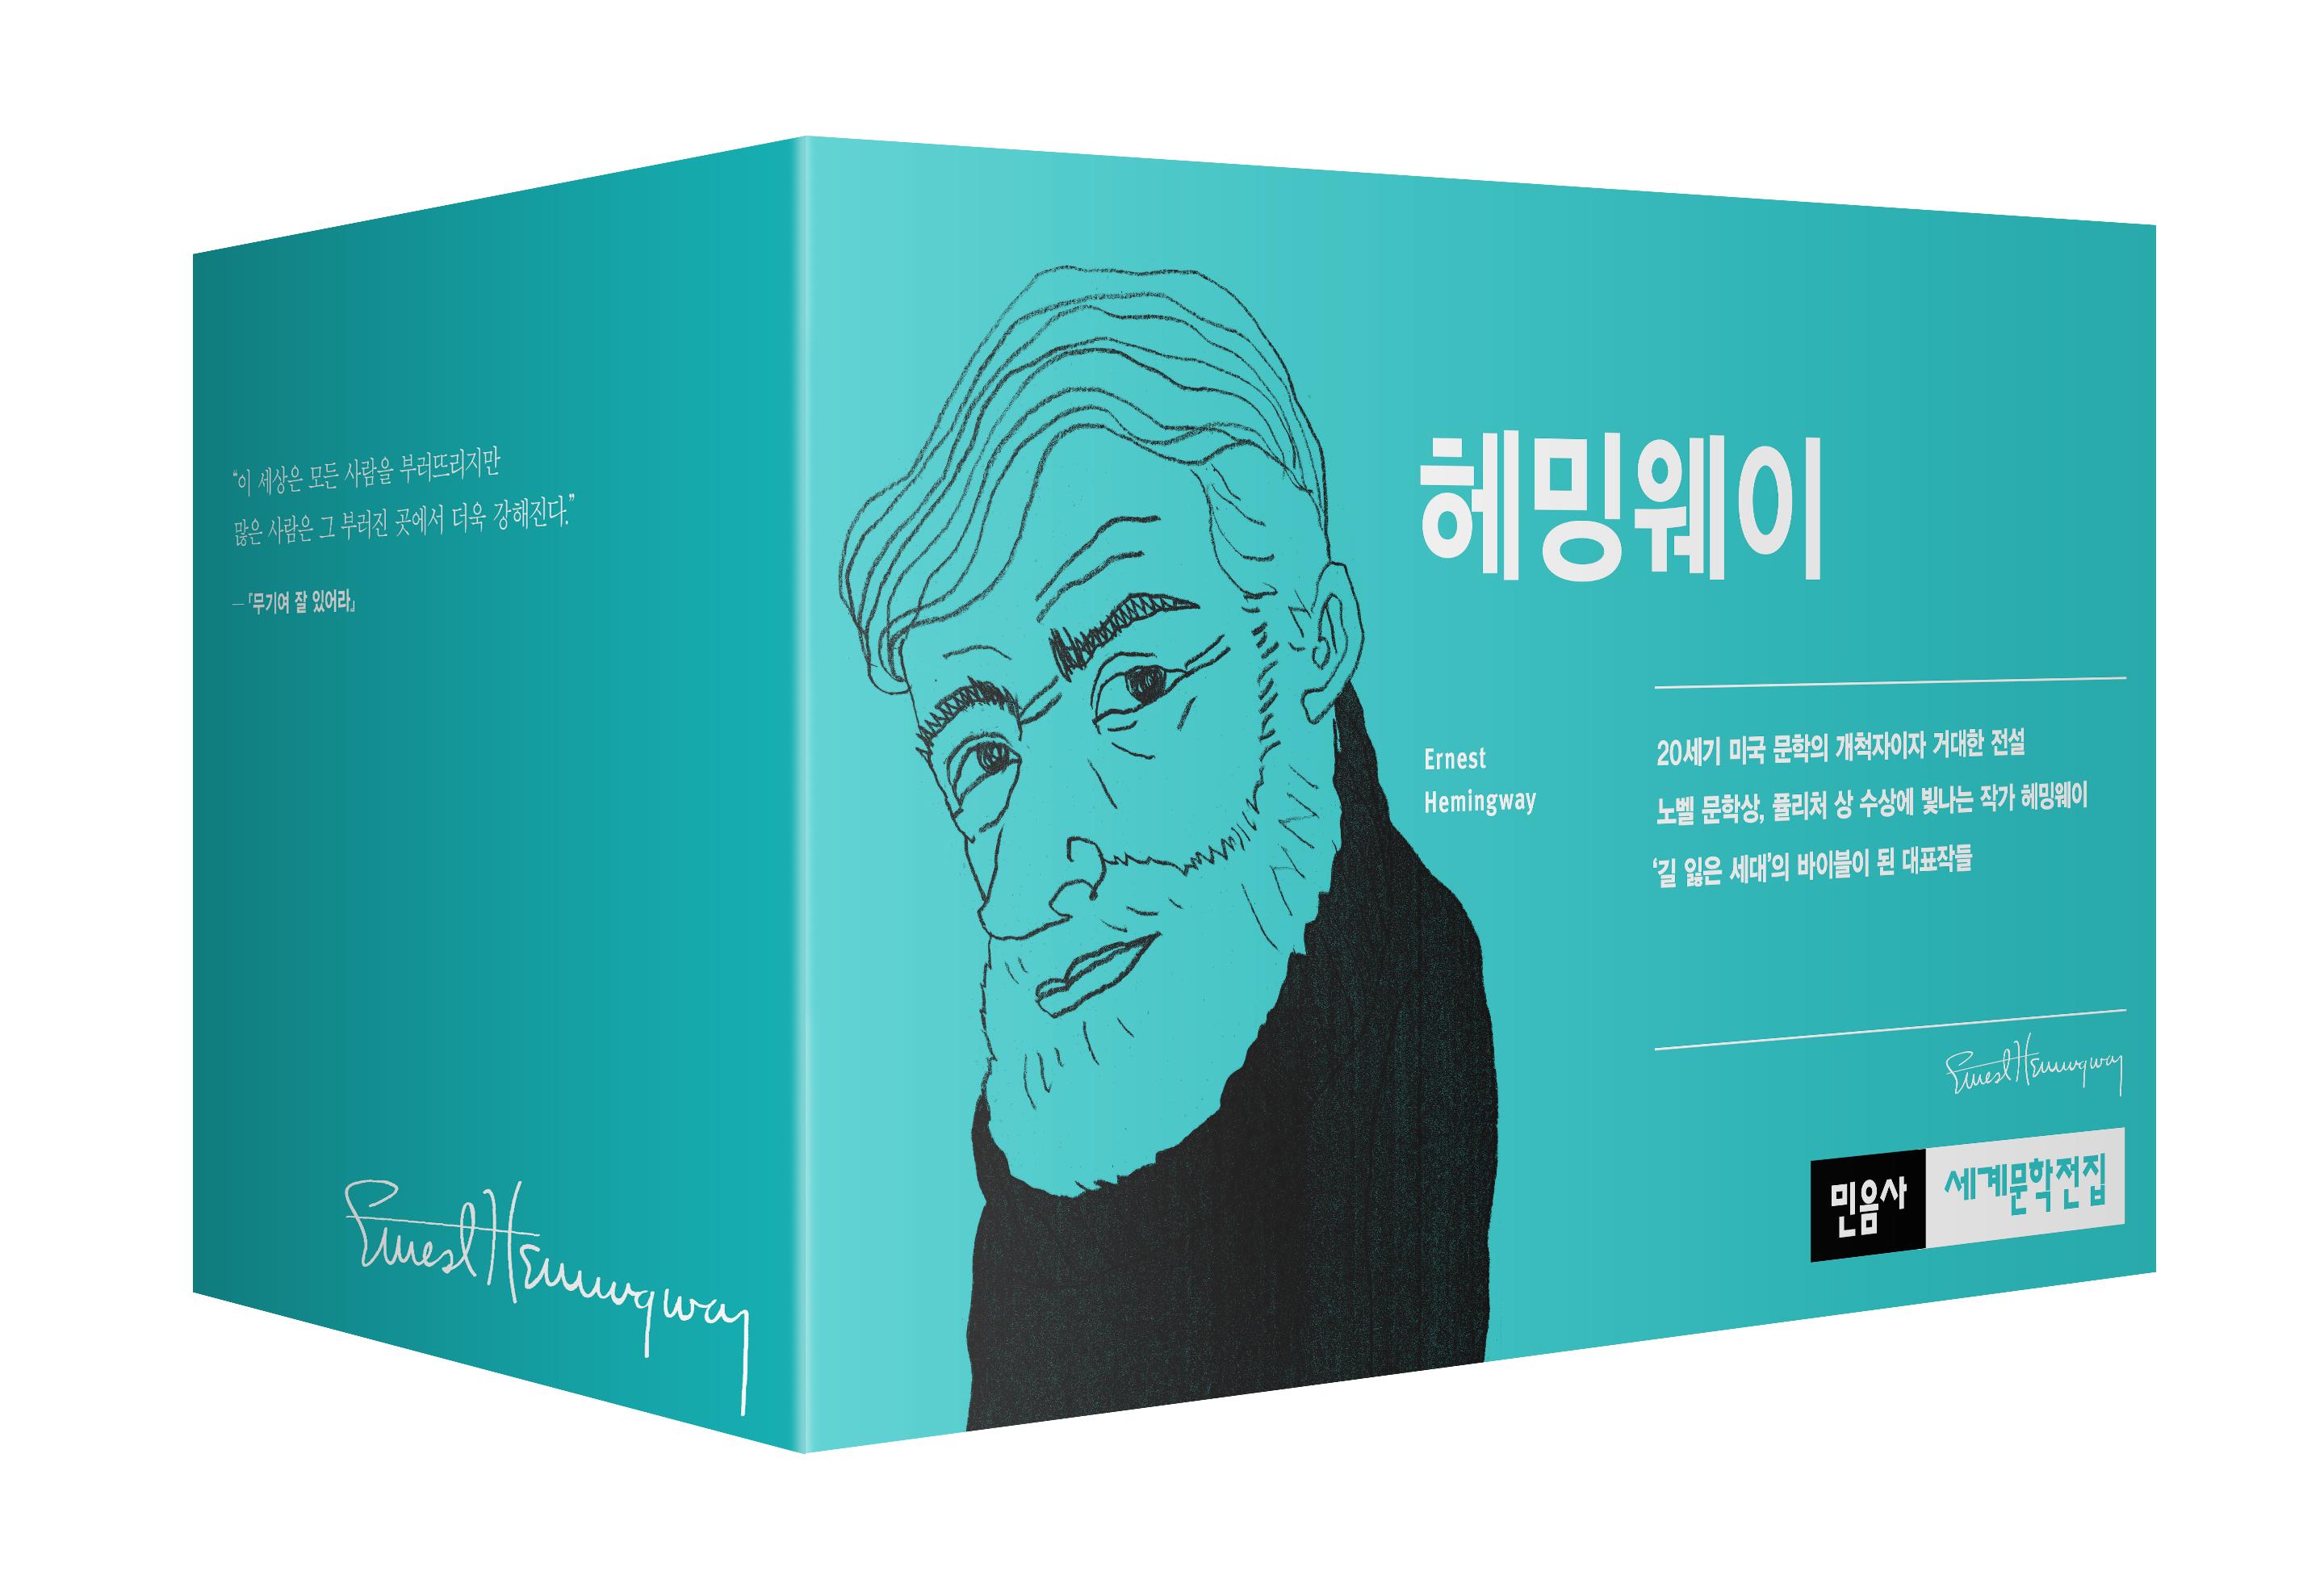 헤밍웨이 박스